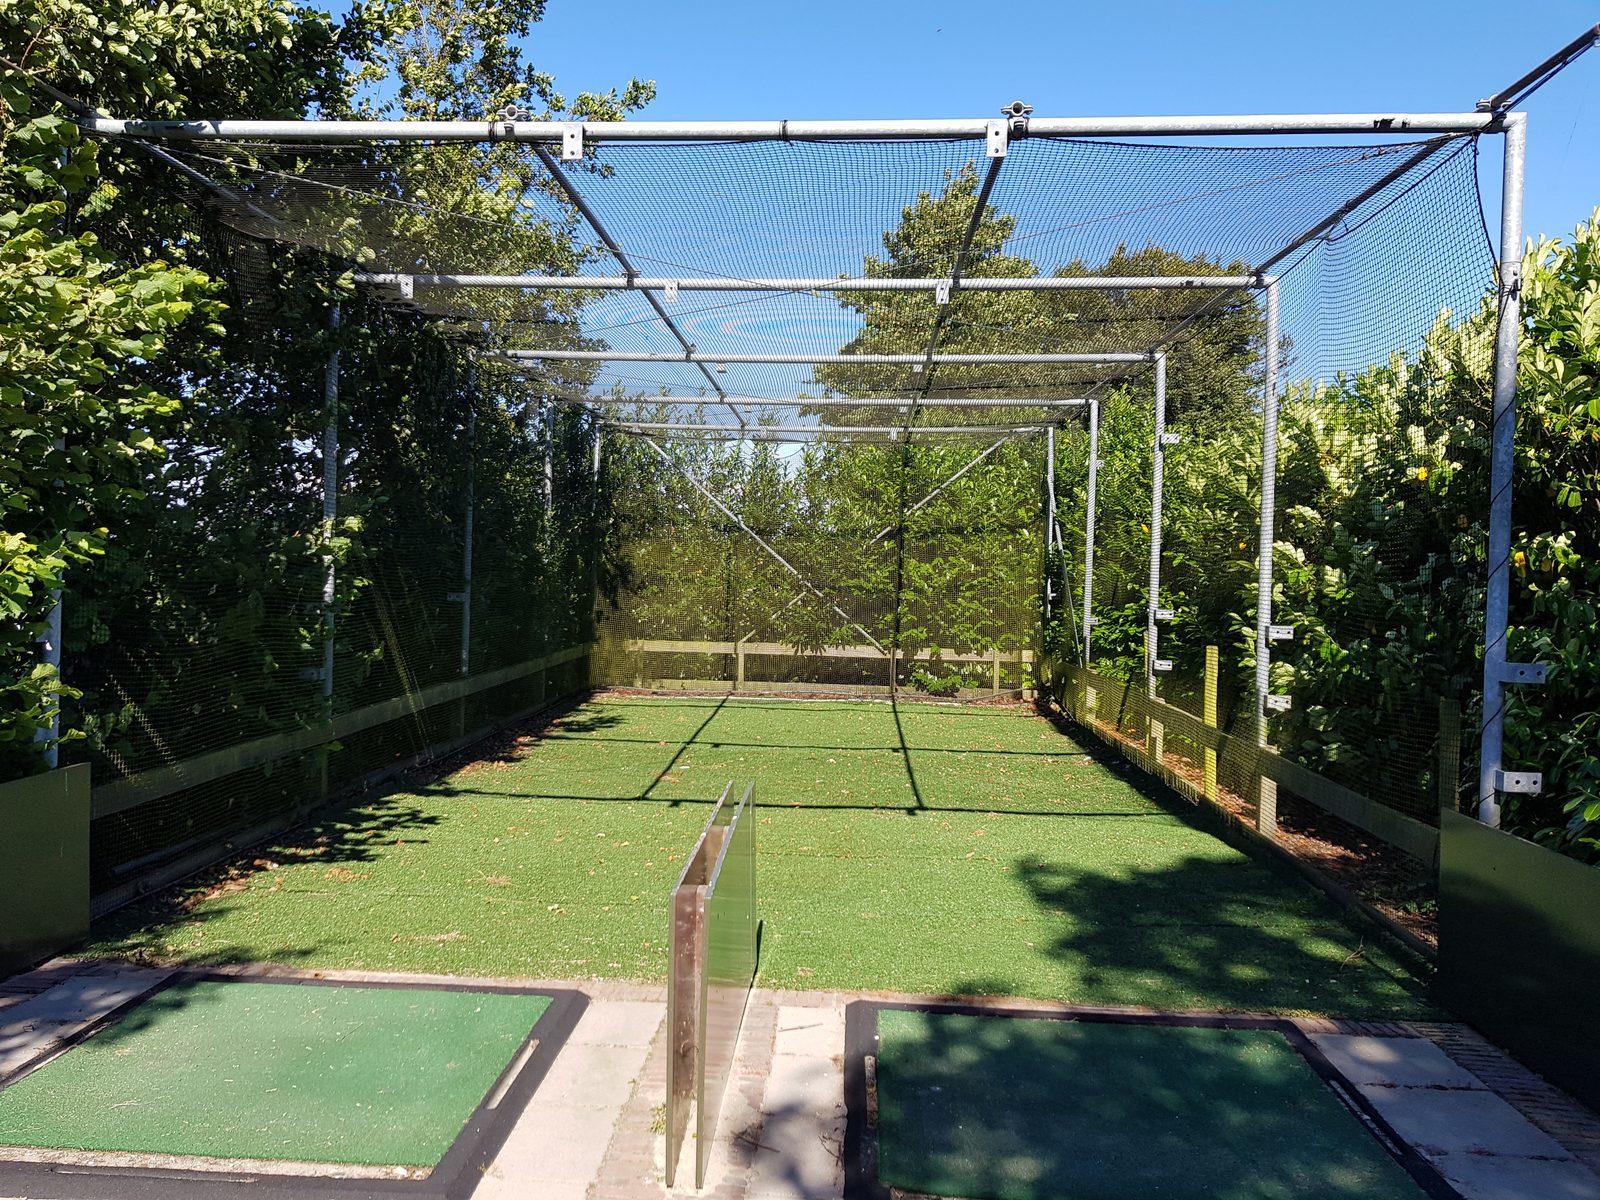 Golfafslagplaats Park Wijde Aa